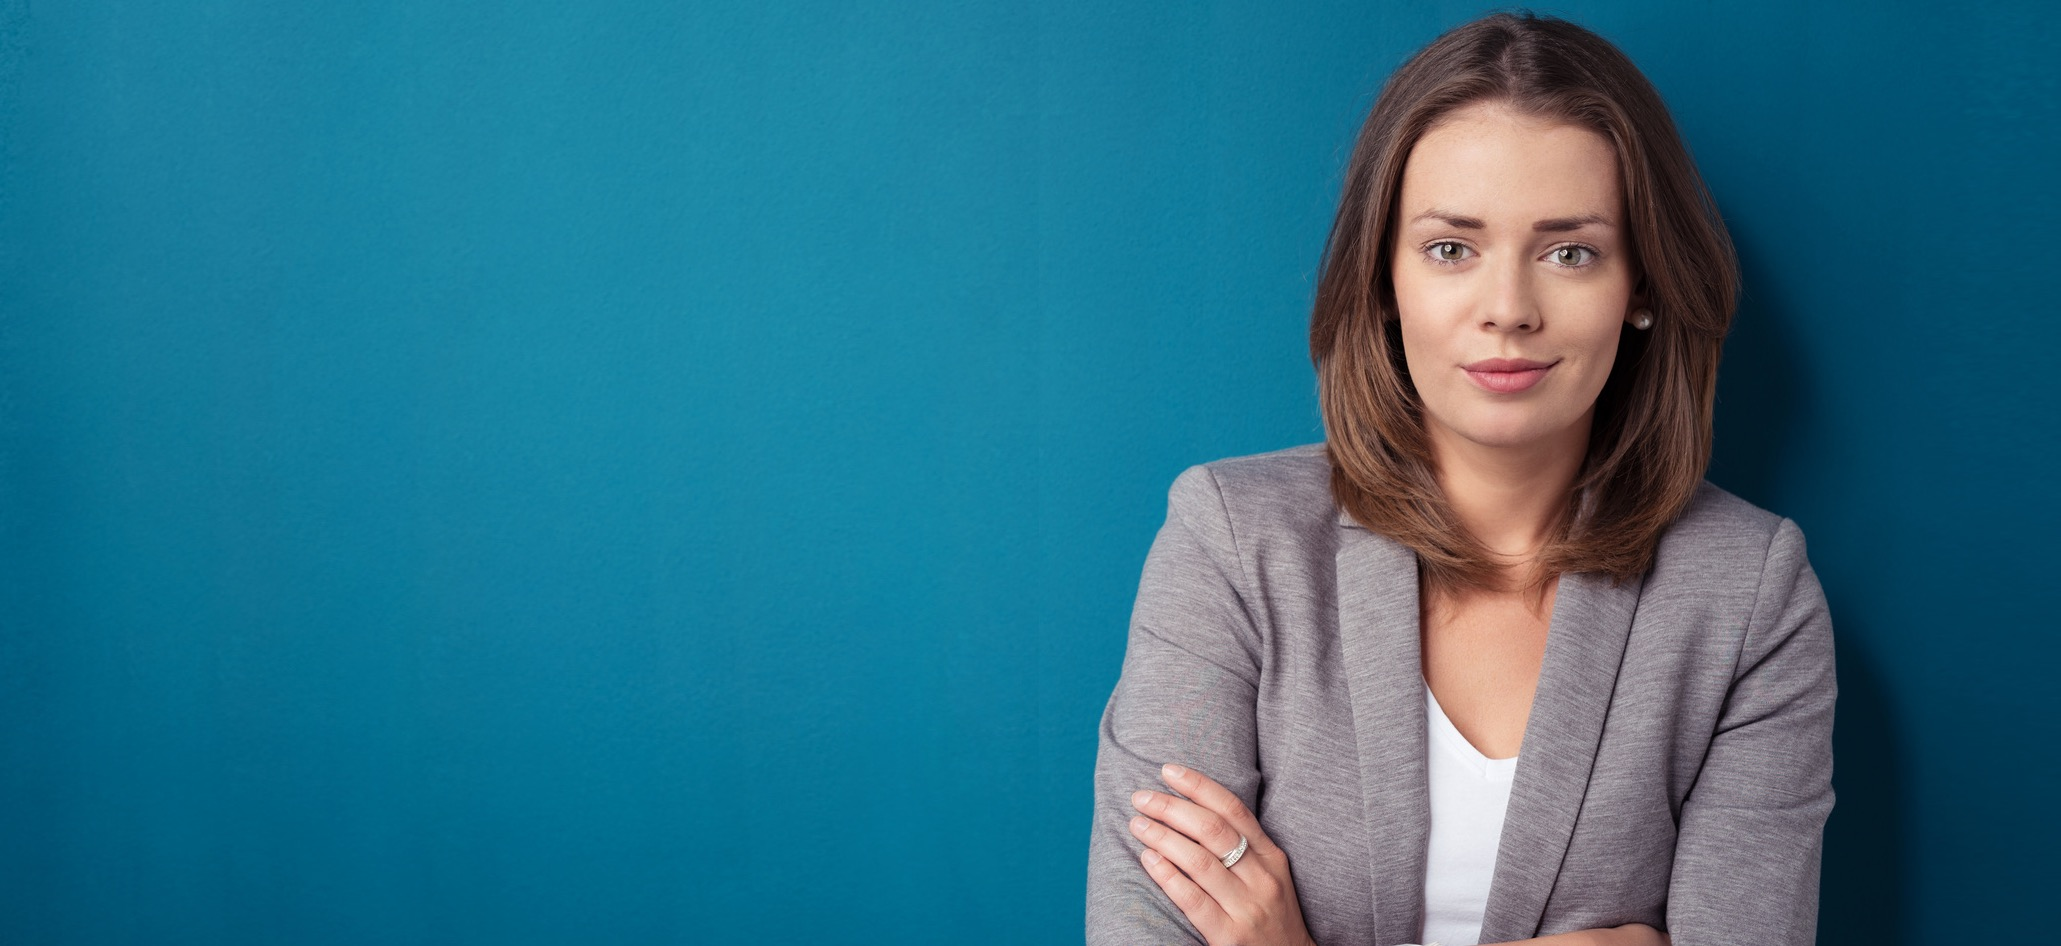 Leadership : 7 étapes pour accélérer l'accès des femmes aux postes de Direction